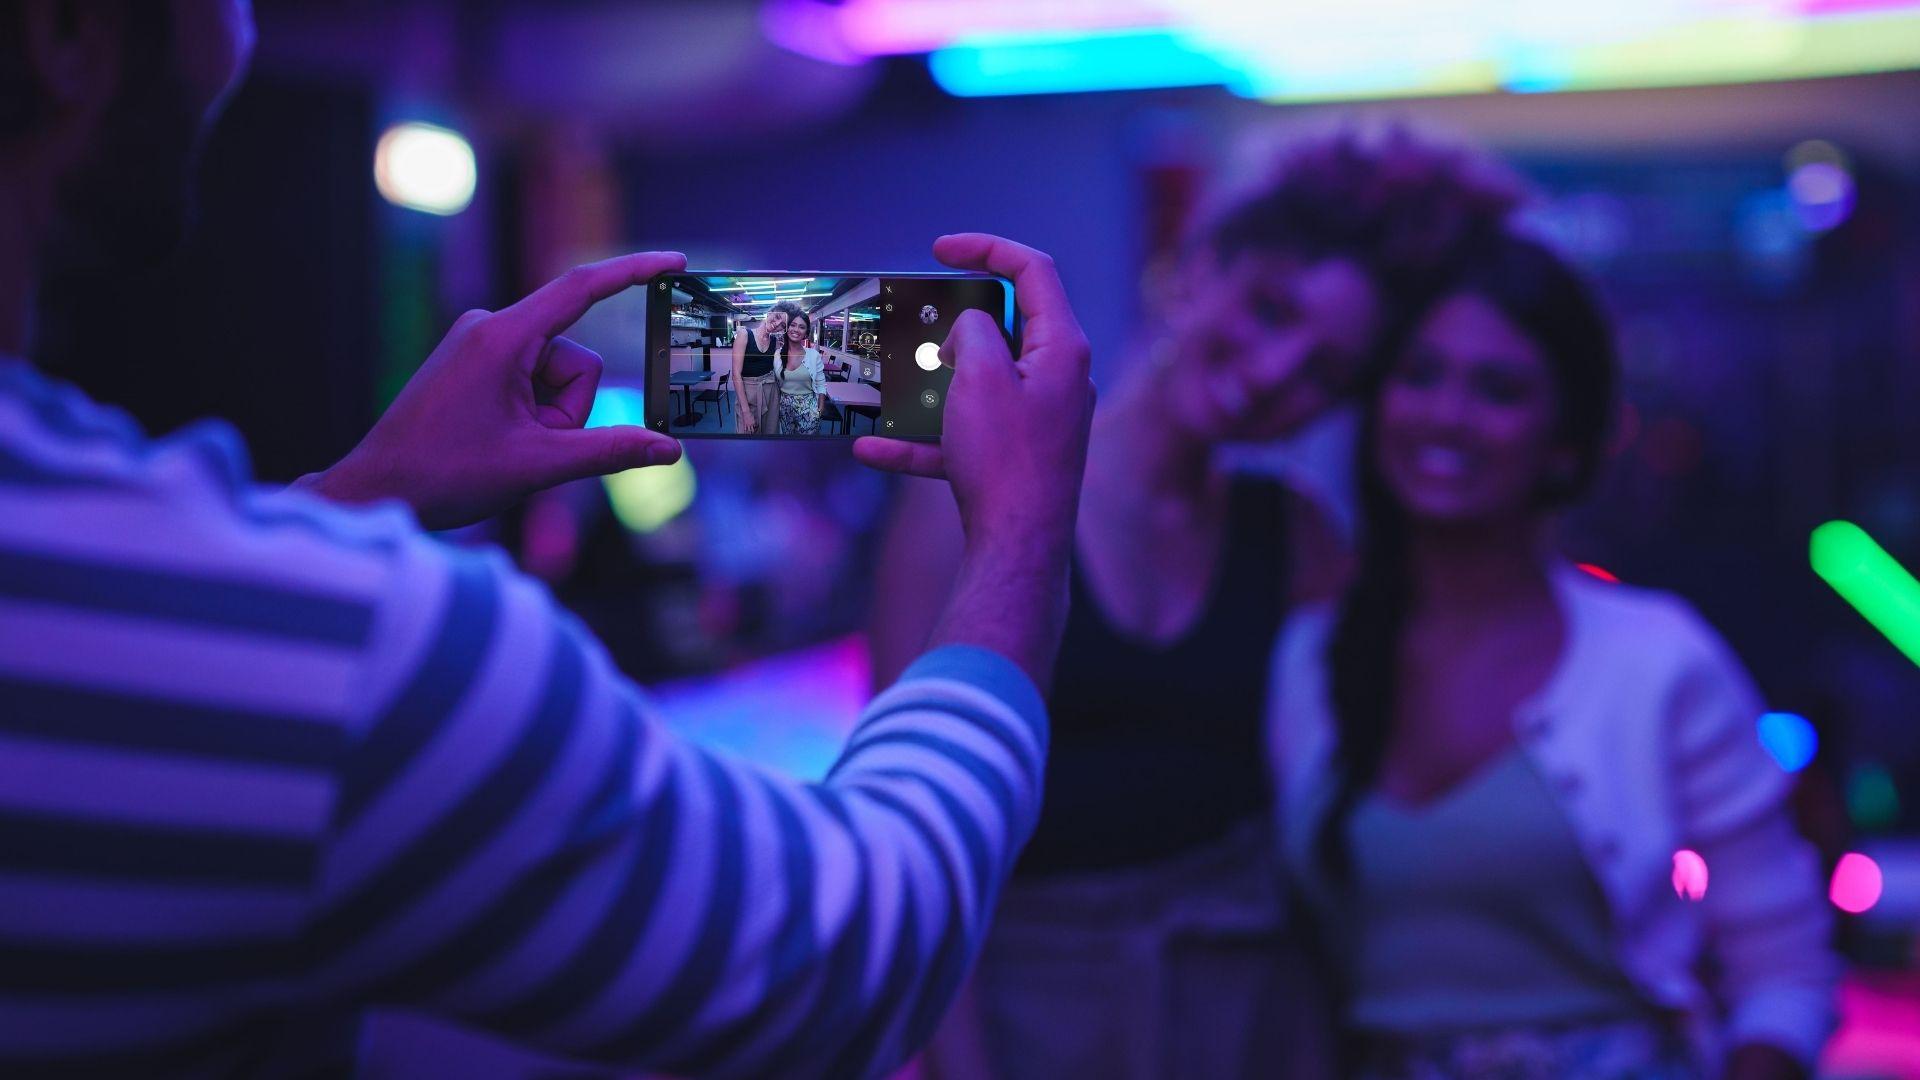 Moto G60 vem com processador Snapdragon 732G e 6 GB de RAM (Foto: Divulgação/Motorola)